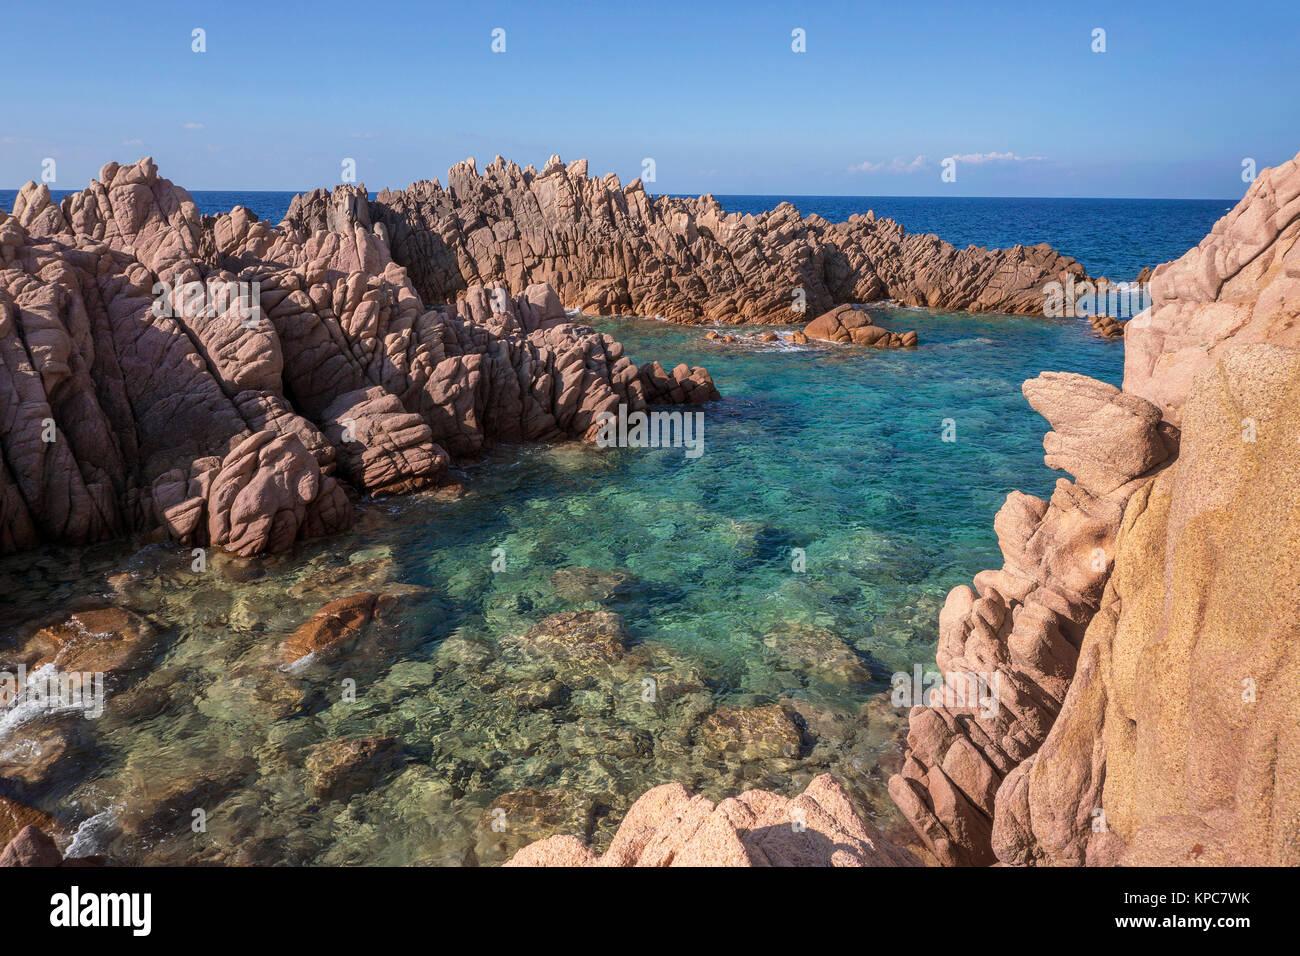 Idílica costa rocosa de Costa Paradiso, rocas de pórfido, Cerdeña, Italia, el mar Mediterráneo, Europa Foto de stock